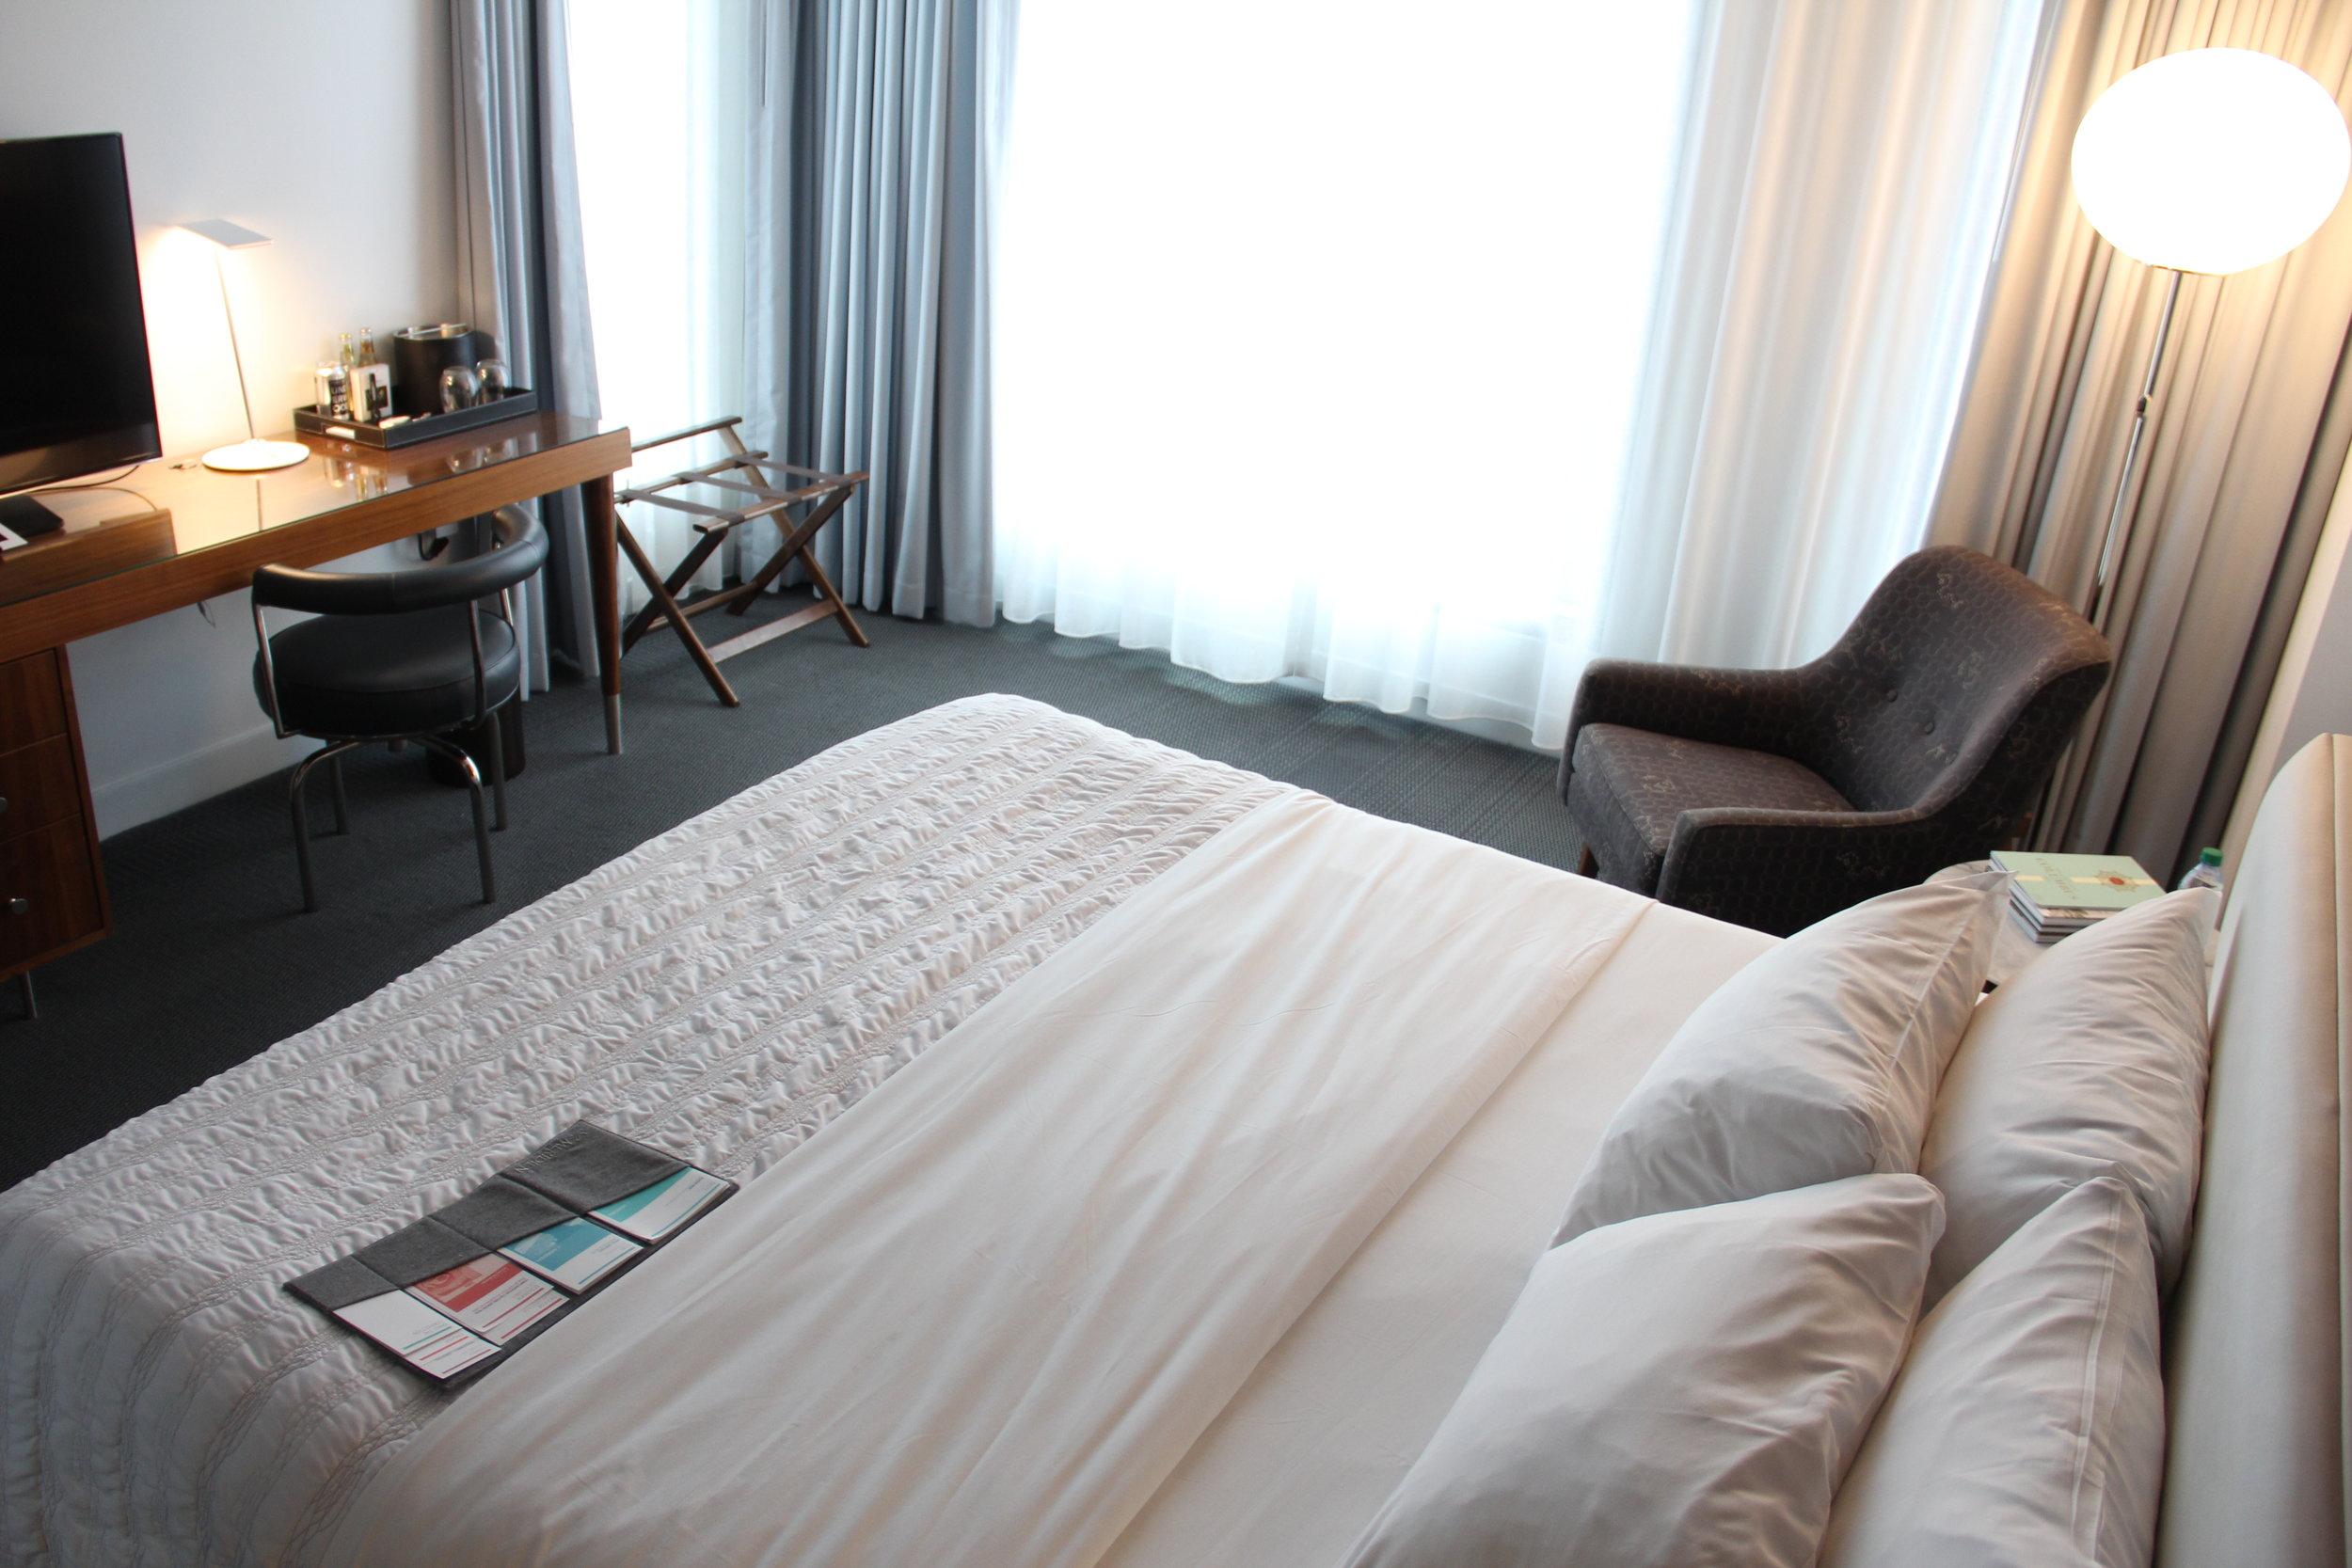 Le Méridien Hotel Room Columbus